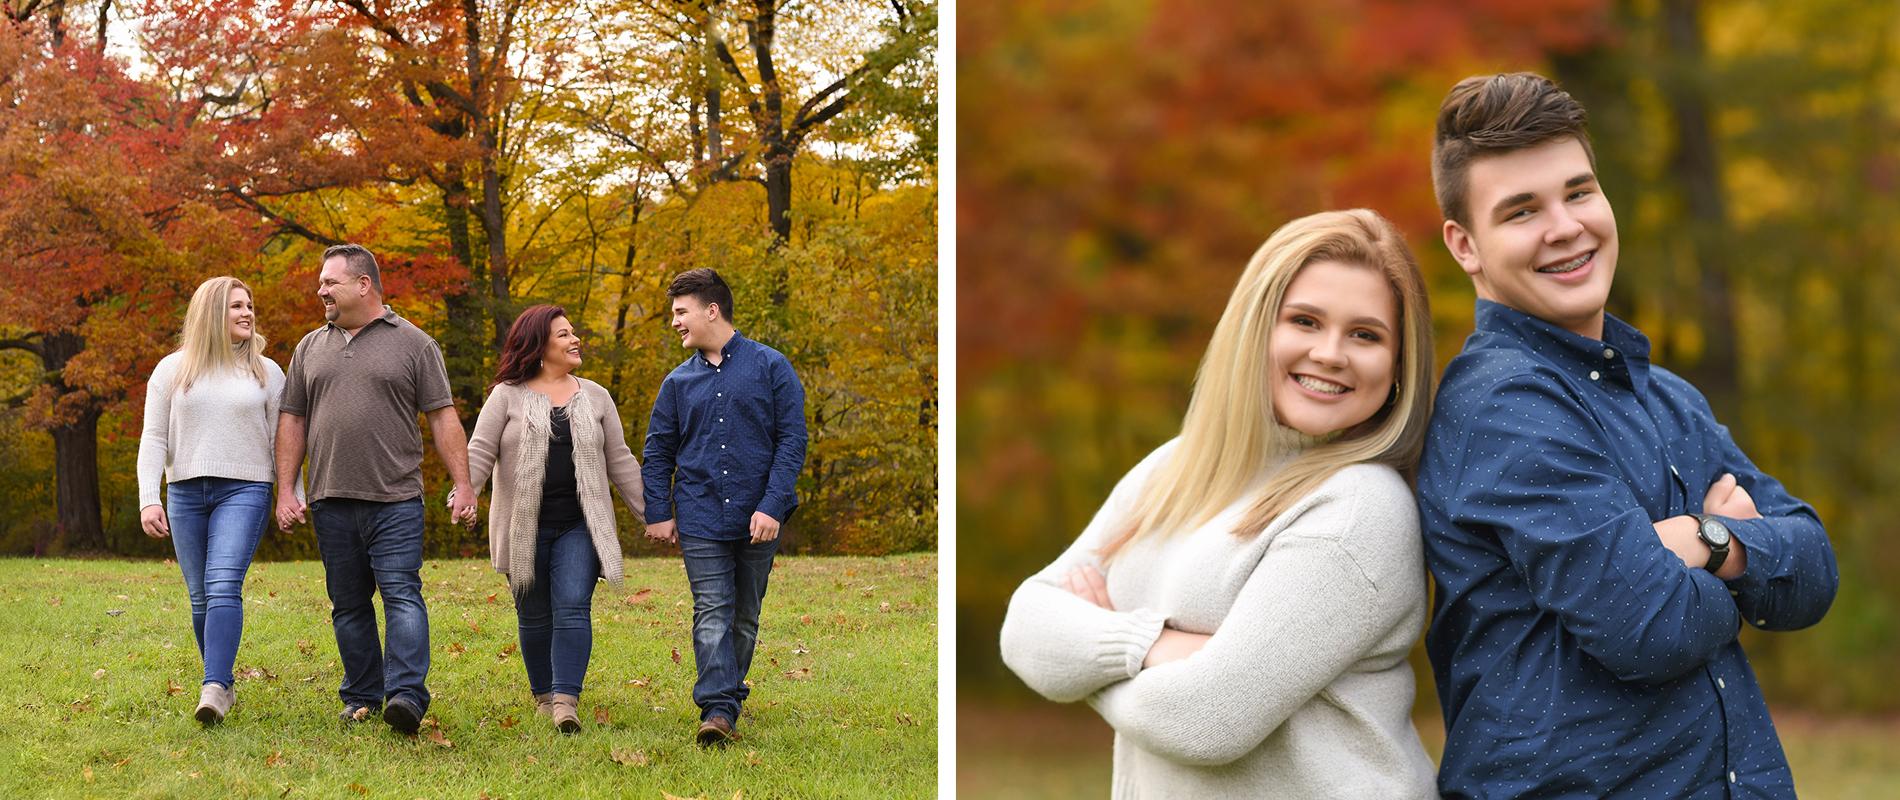 Family Photos LA Images